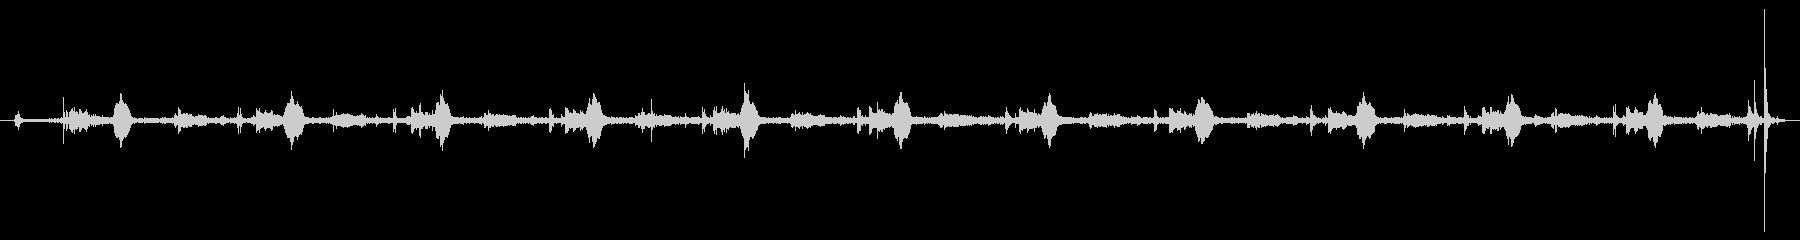 鳩時計2:ストライクイレブンオクロ...の未再生の波形